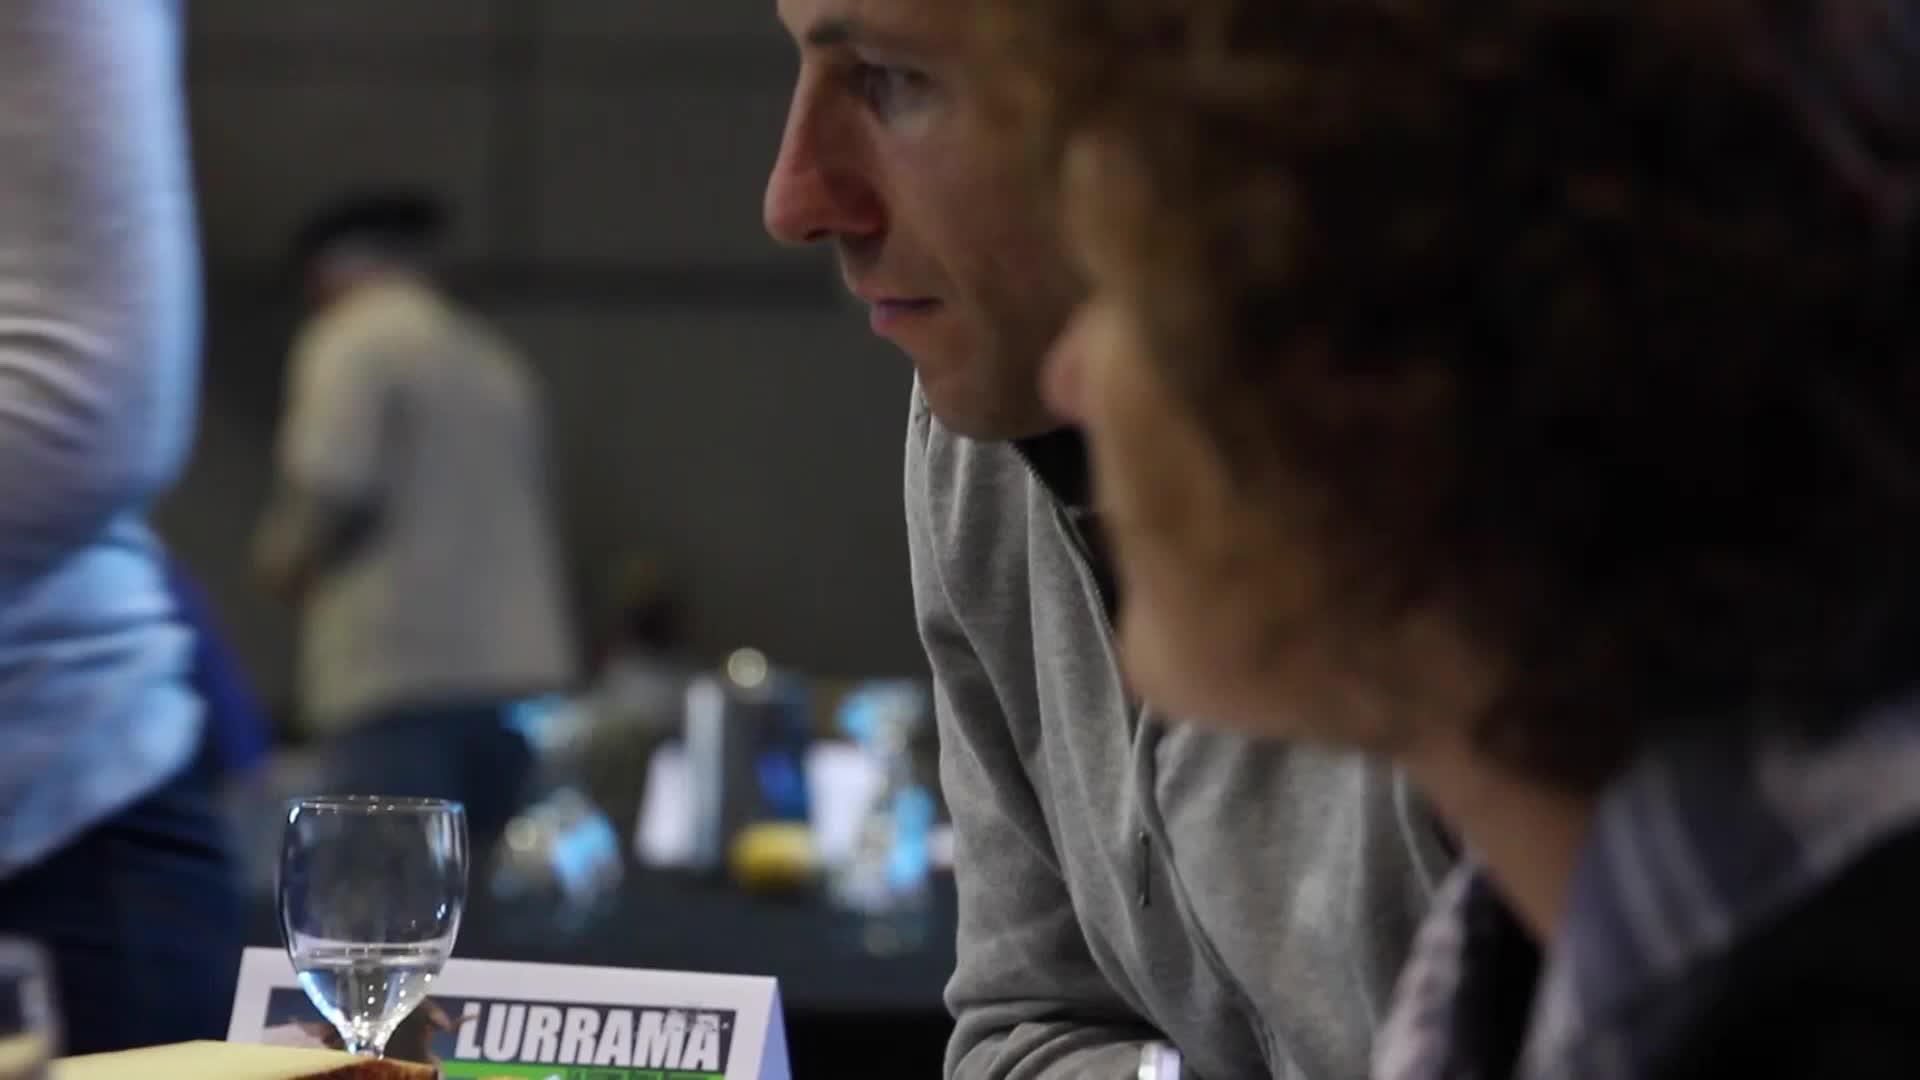 Lurrama 2015: Ostiraleko irudiak